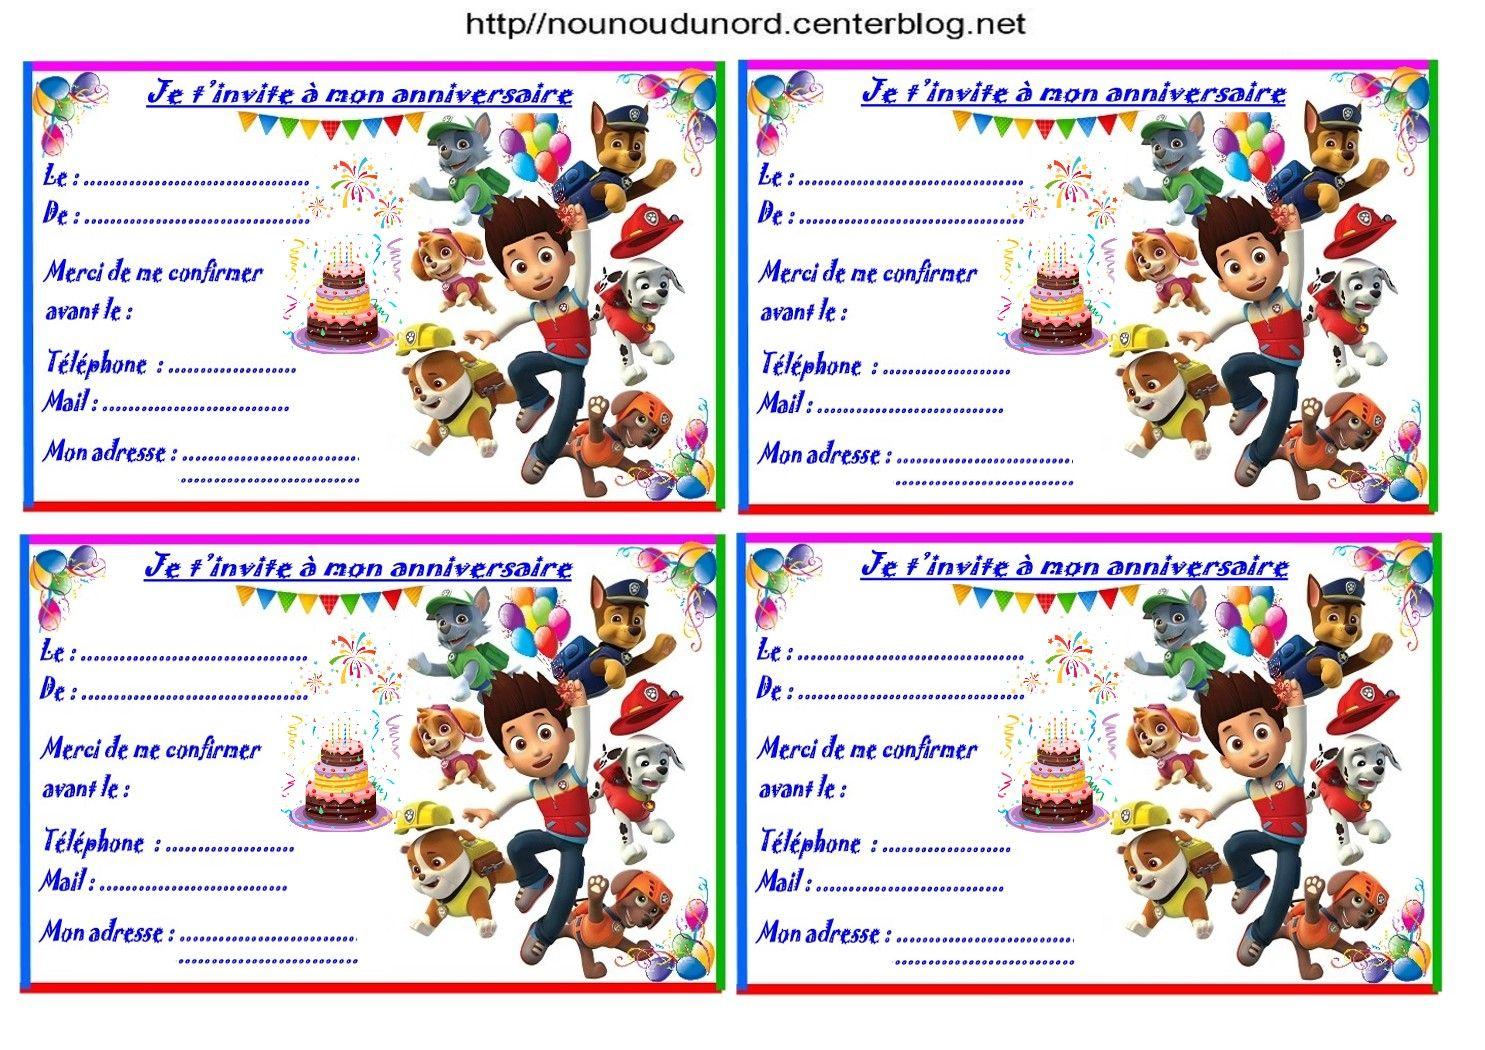 Etiquettes et invitations pat patrouille pour anniversaire - Pat patrouille telecharger ...